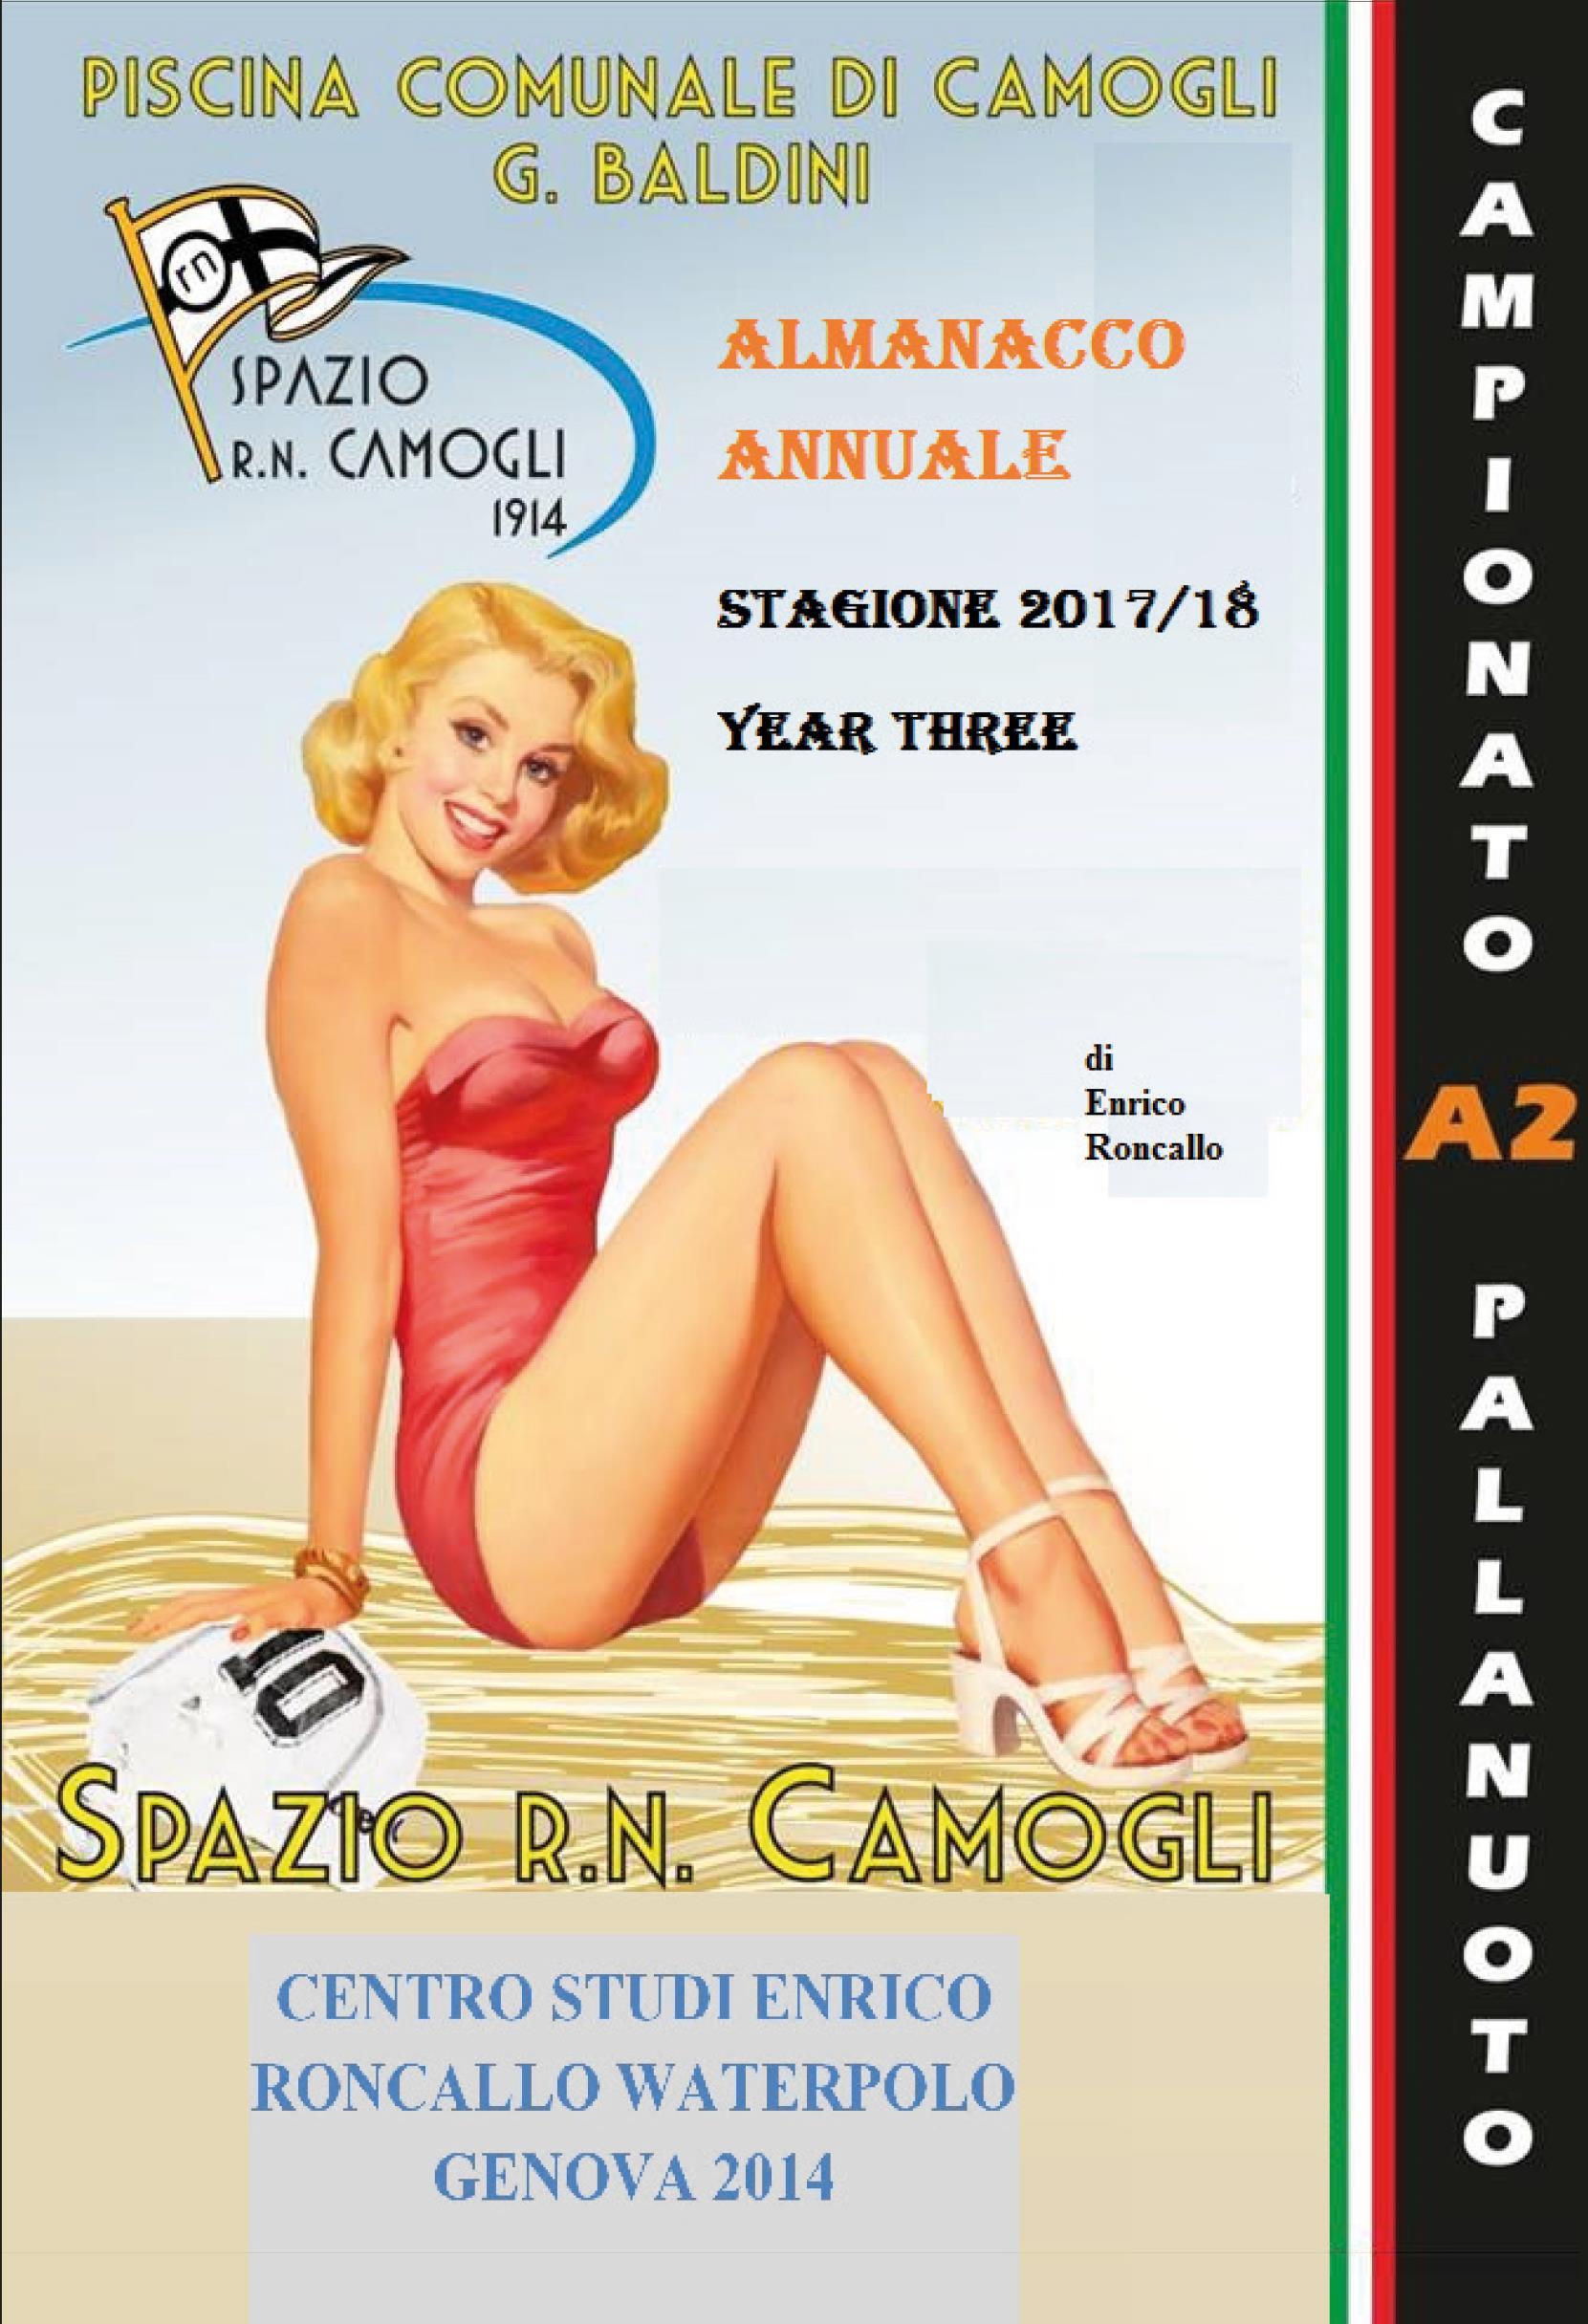 """ALMANACCO ANNUALE """"SPAZIO R.N. CAMOGLI 1914"""" 2017/2018 YEAR THREE."""